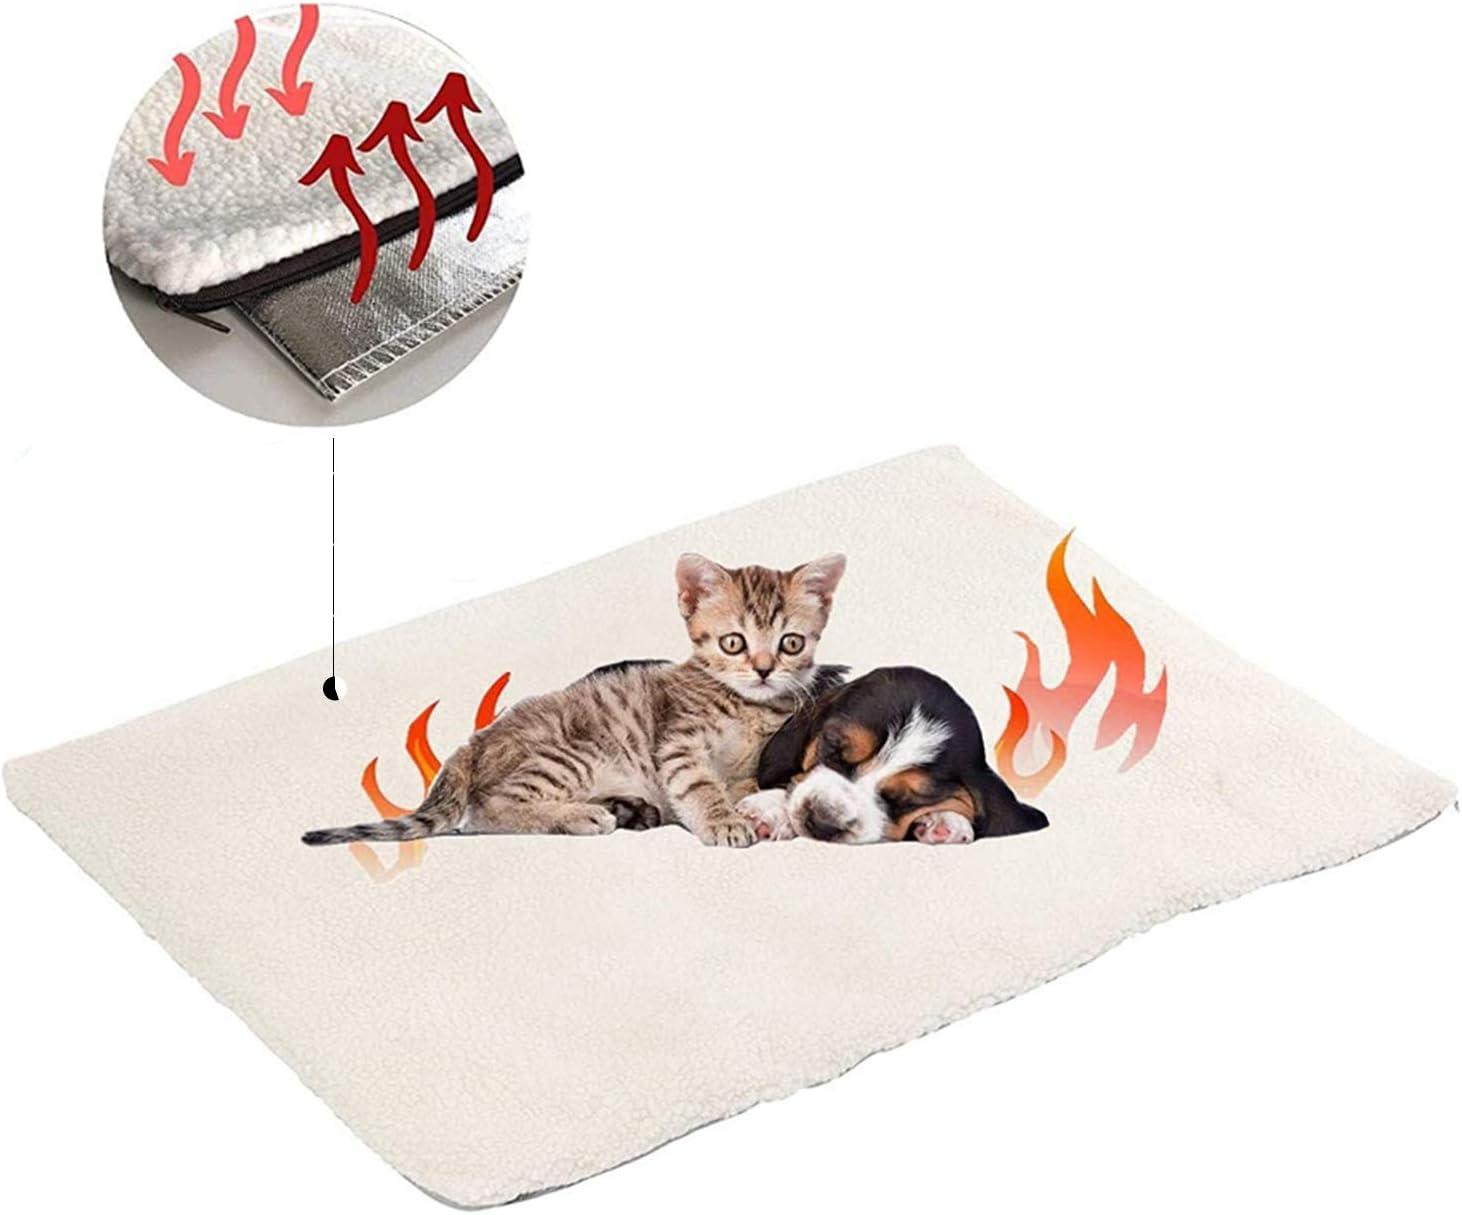 Manta autocalentable para Gatos & Perros,Manta Eléctrica para Mascotas Prueba de Agua Almohadillas,Manta térmica,sin Electricidad y baterías, Cojín de Calor,ecológico,60x45 cm